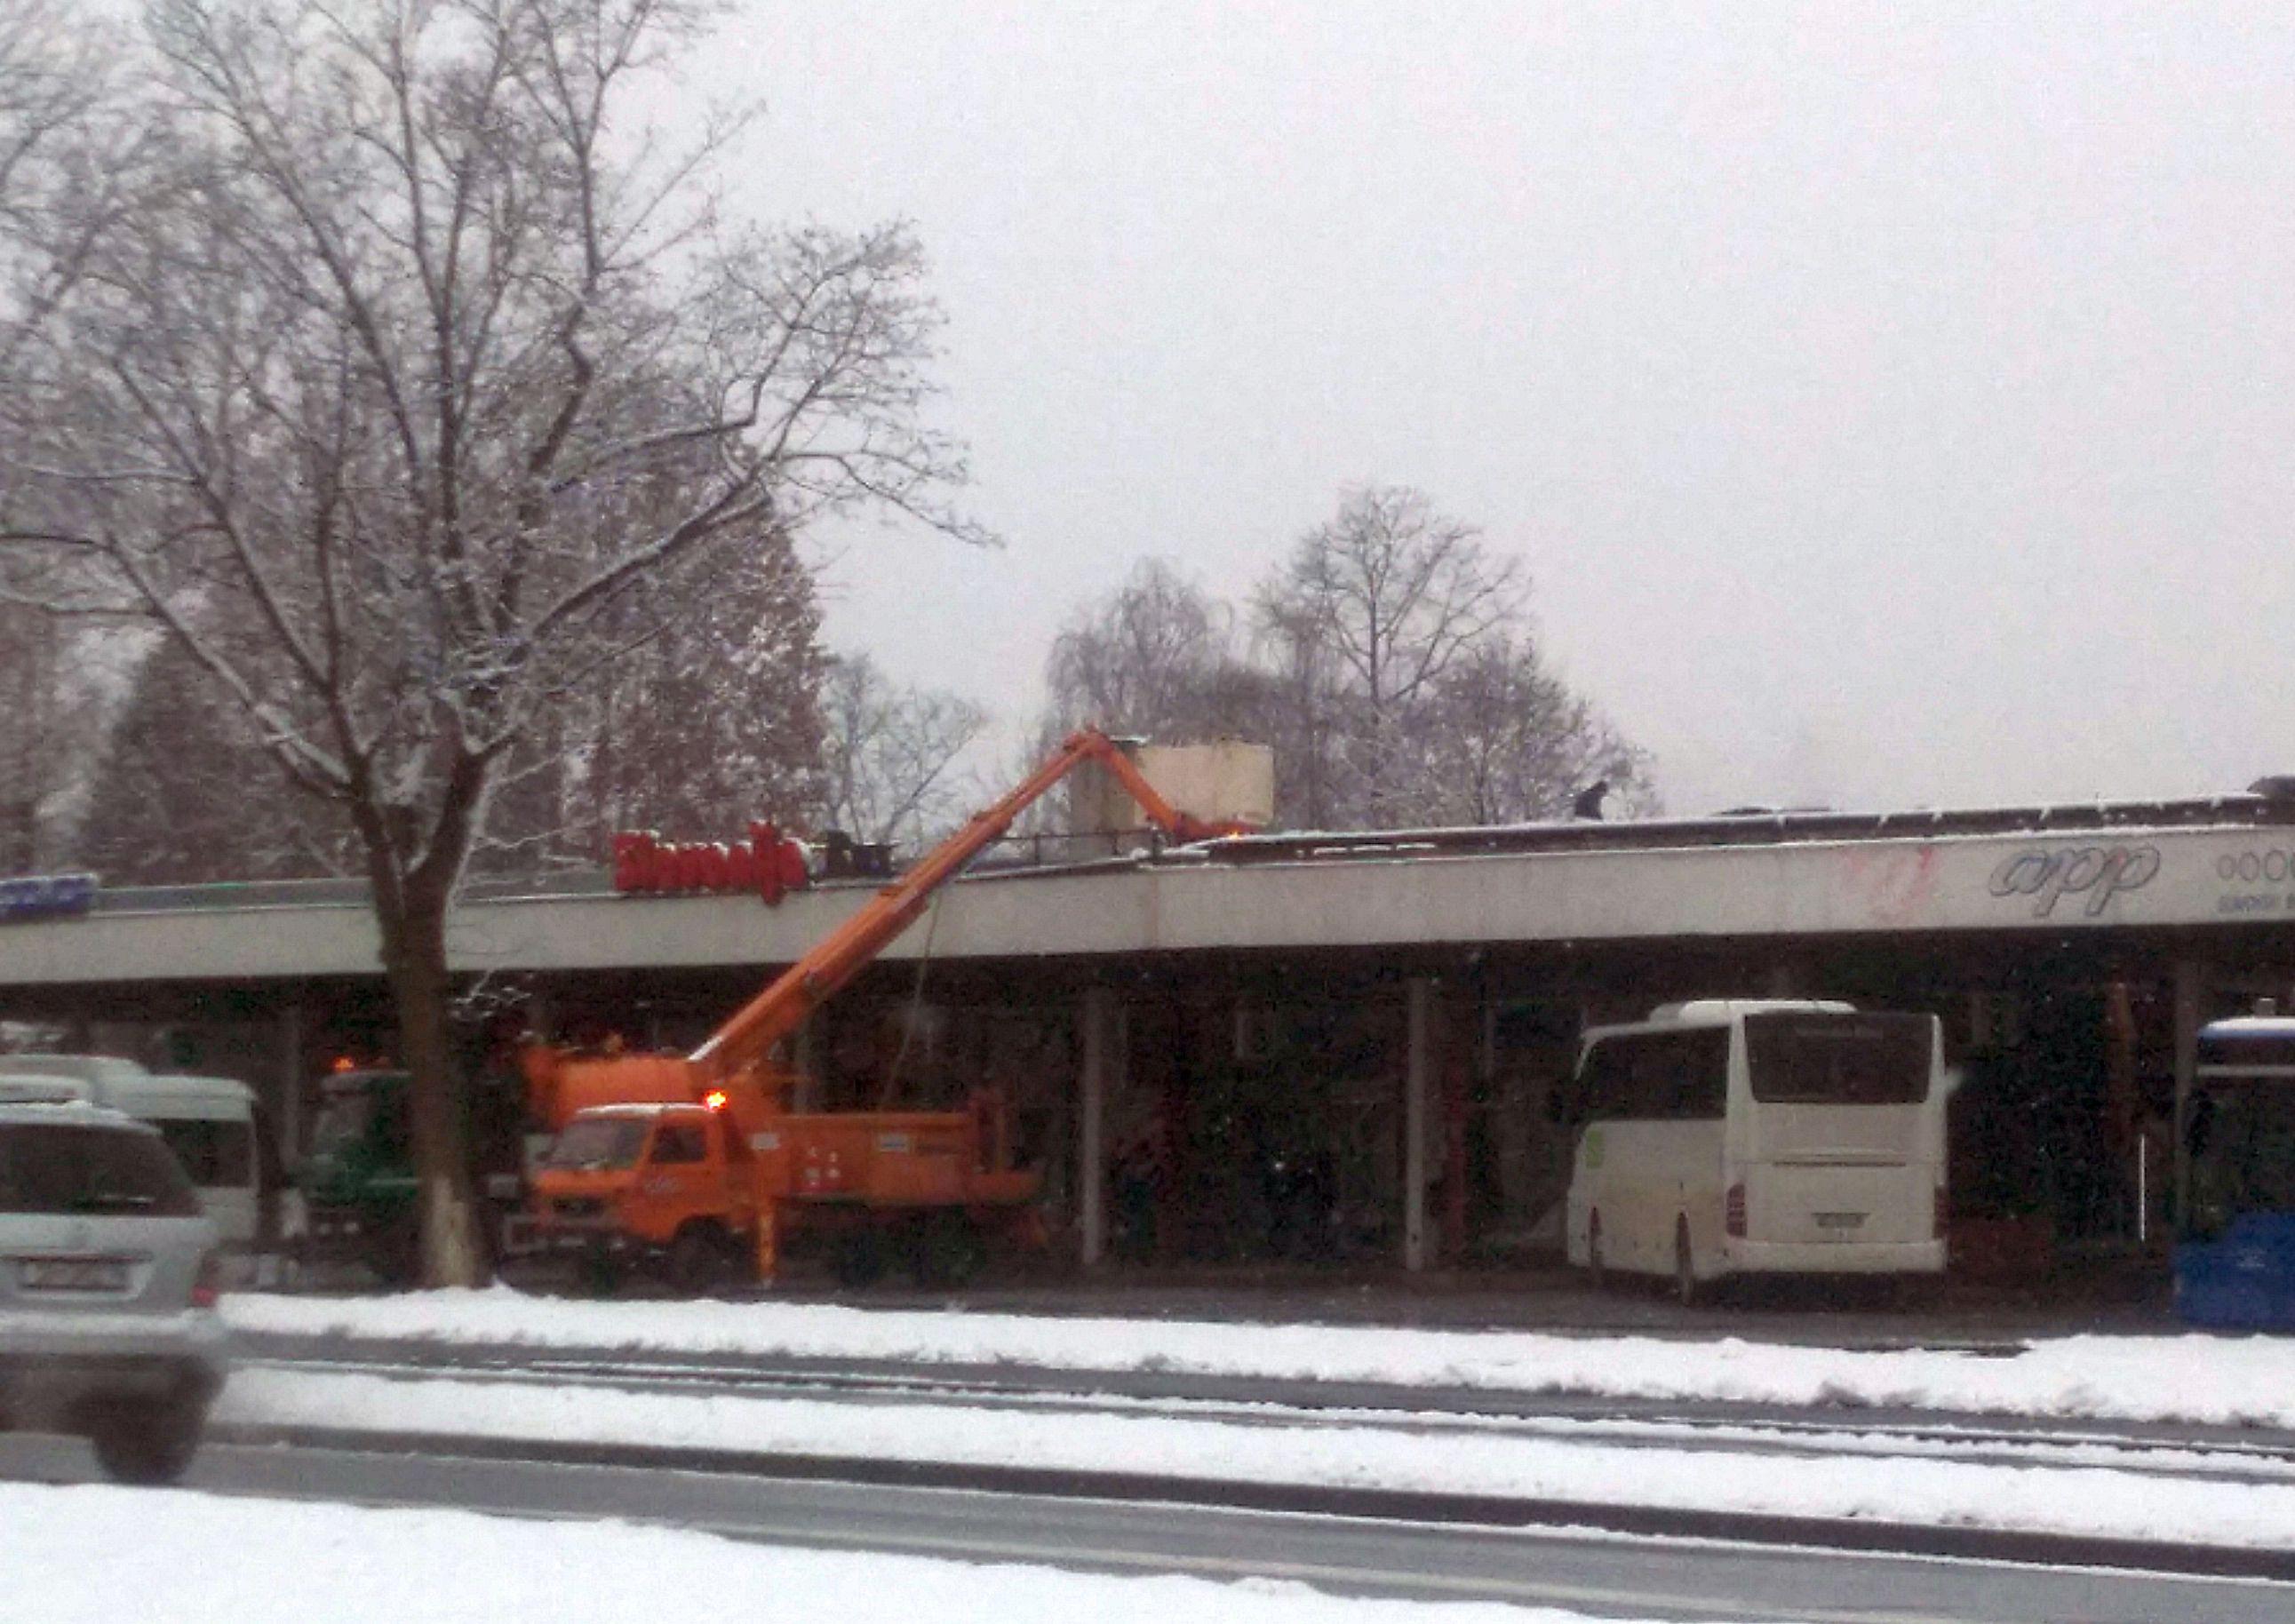 Truli krov pun vode isušuju, dobro je da će se u autobusni kolodvor uložiti 2 milijuna kuna